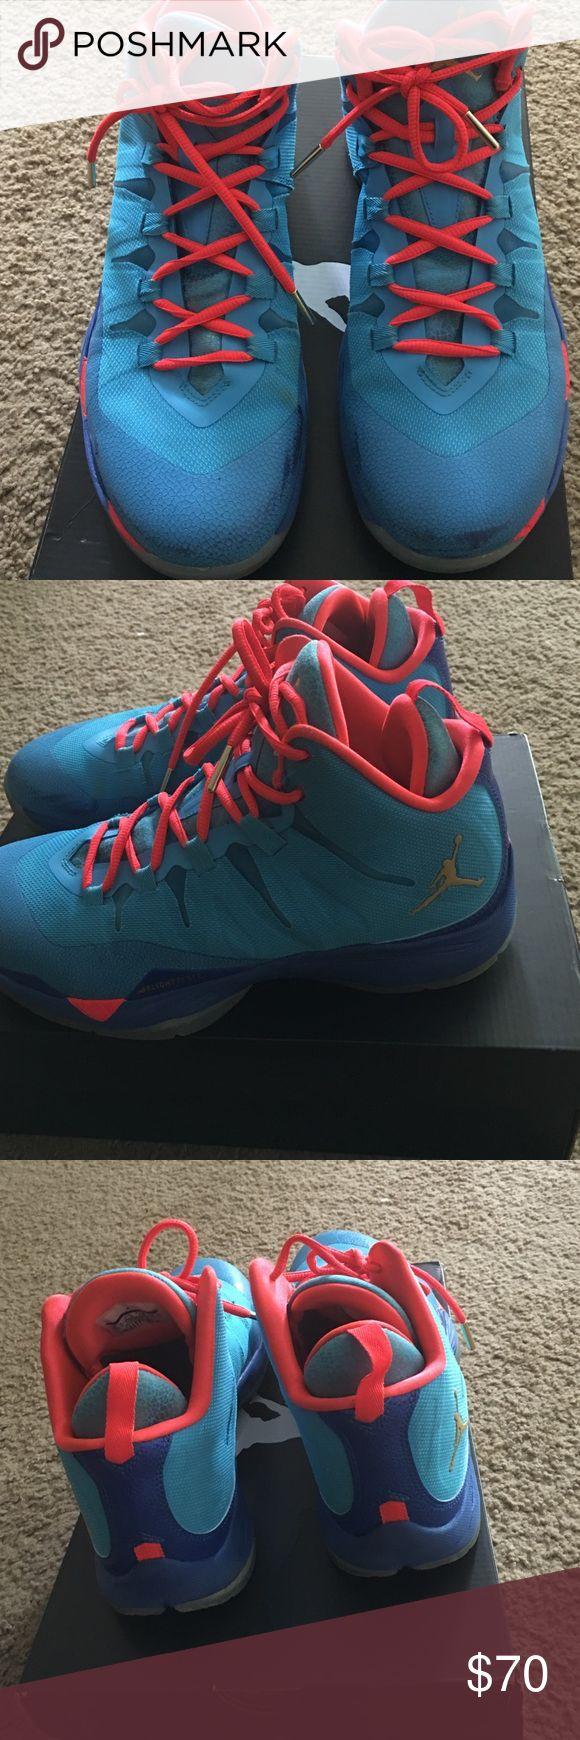 Jordan's Used Jordan's super fly 2 all Jordan Shoes Sneakers